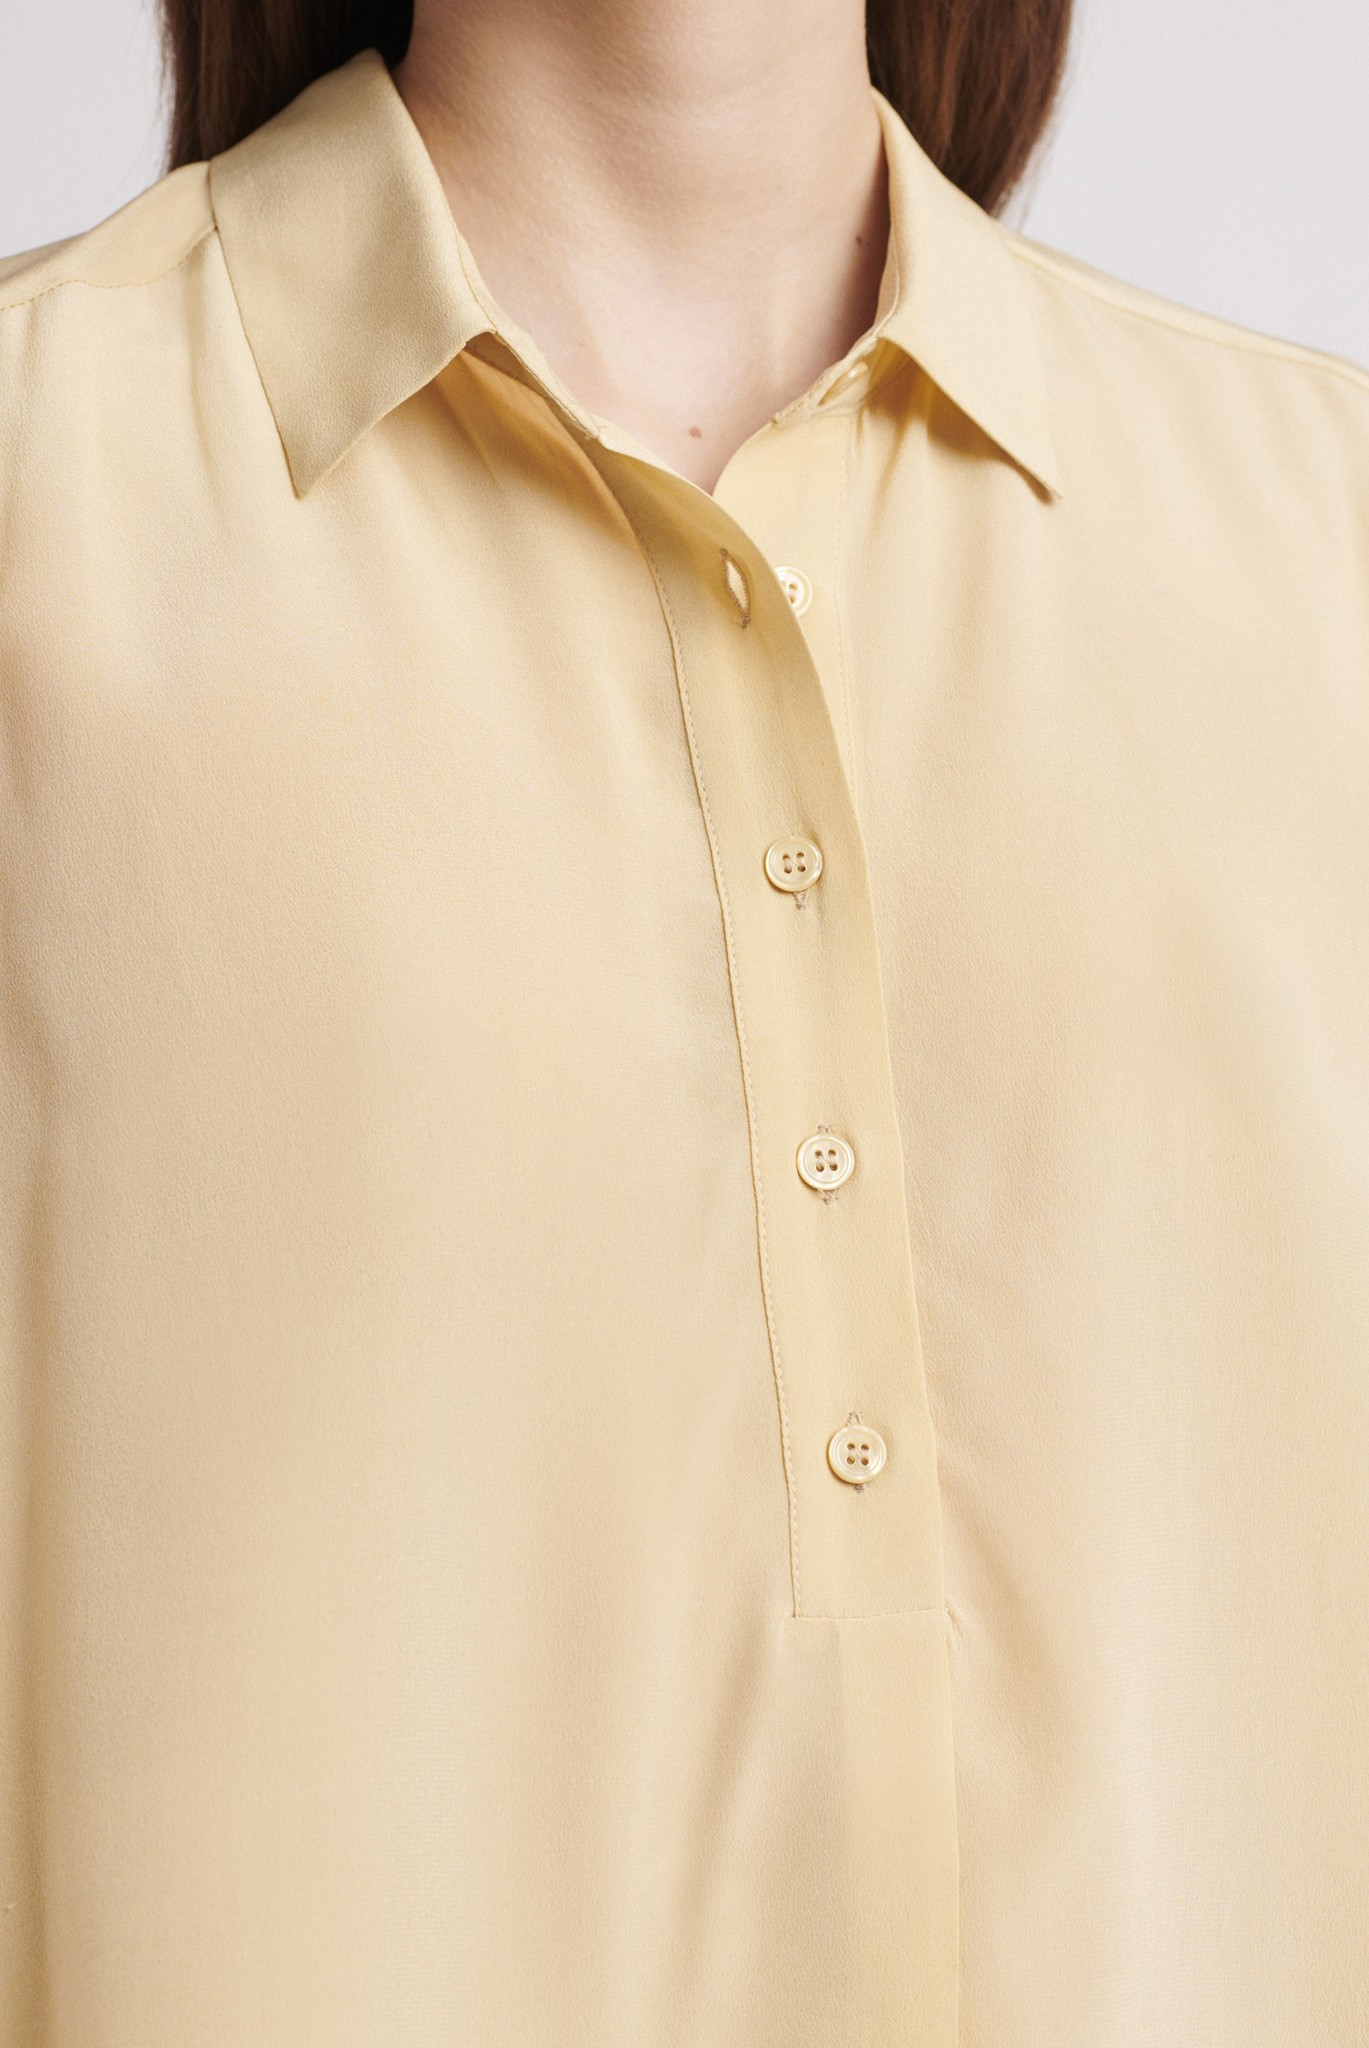 NADEGE - Шелковая рубашка с коротким рукавом